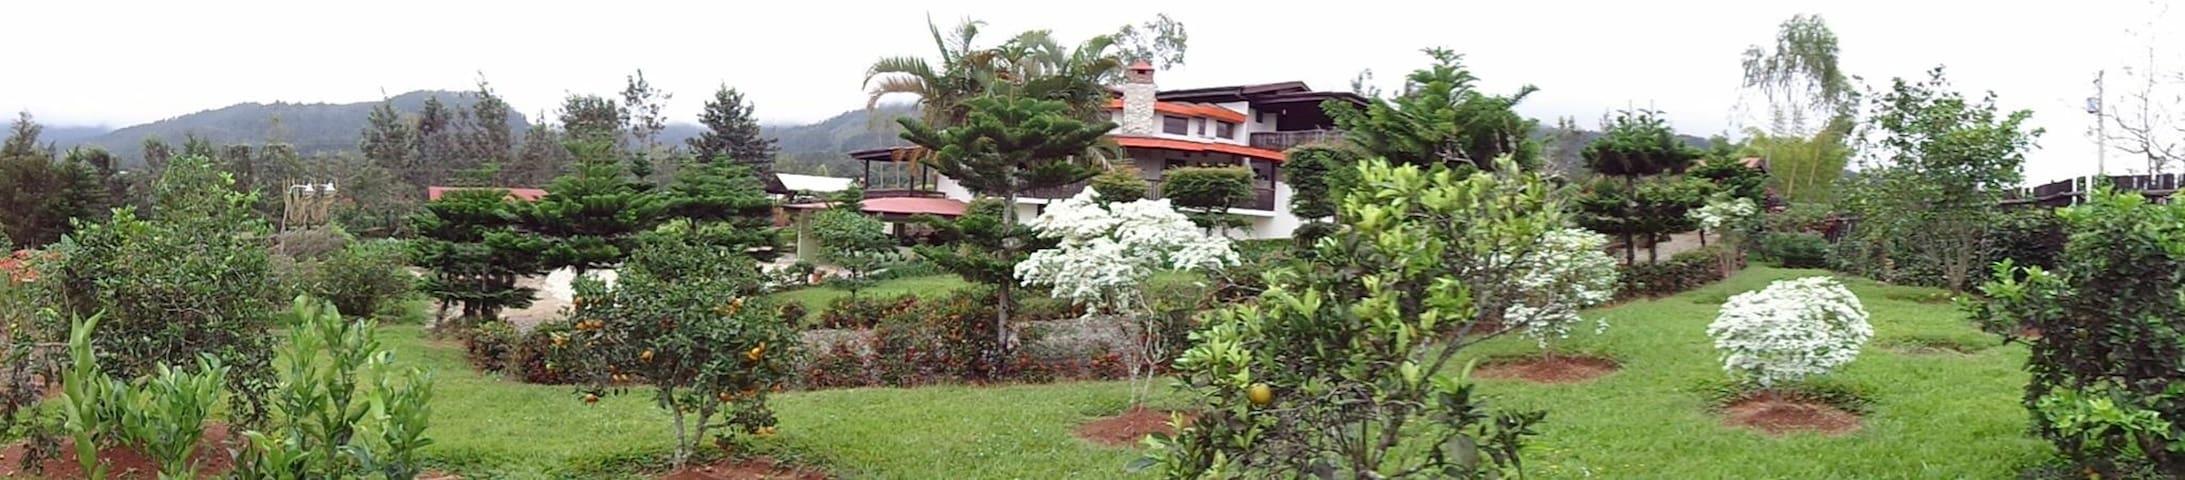 Manabao-Jarabacoa, Villa Neblina